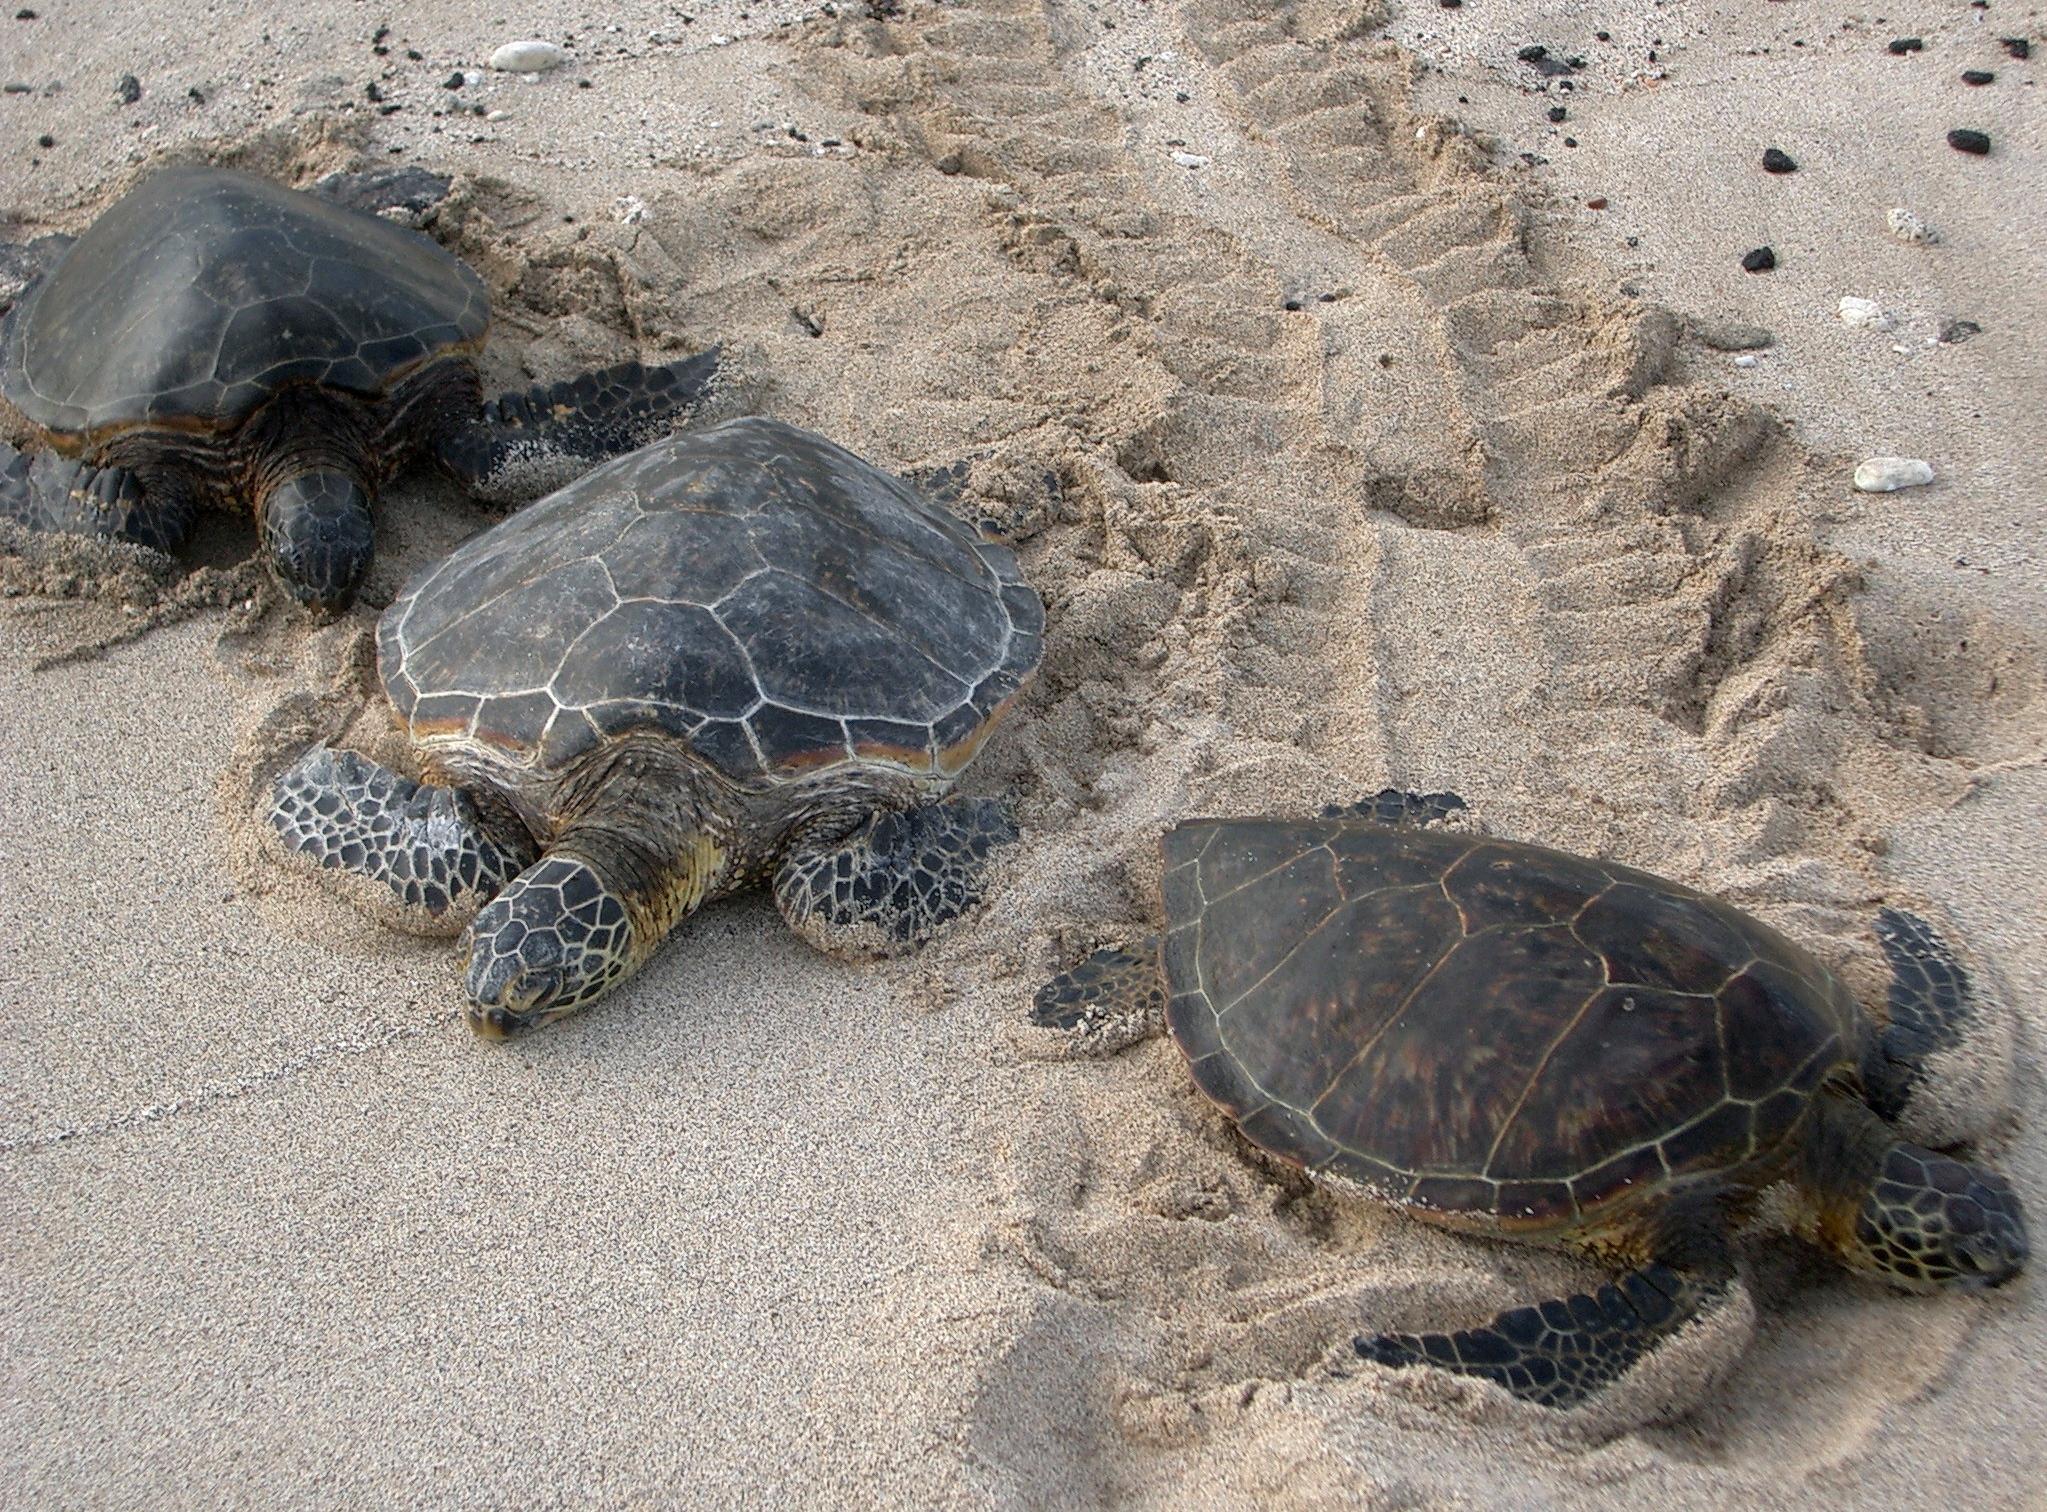 Three_Kona_sea_turtles